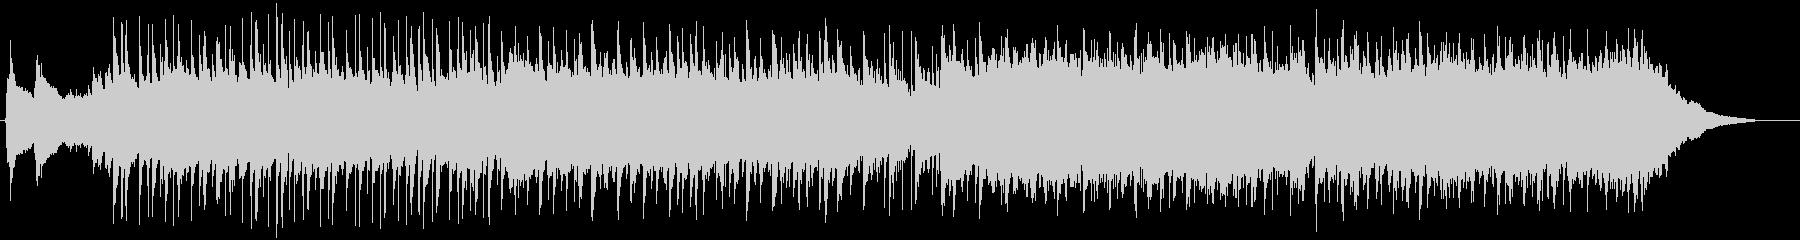 企業VPやCM用ポップでコミカルな曲の未再生の波形